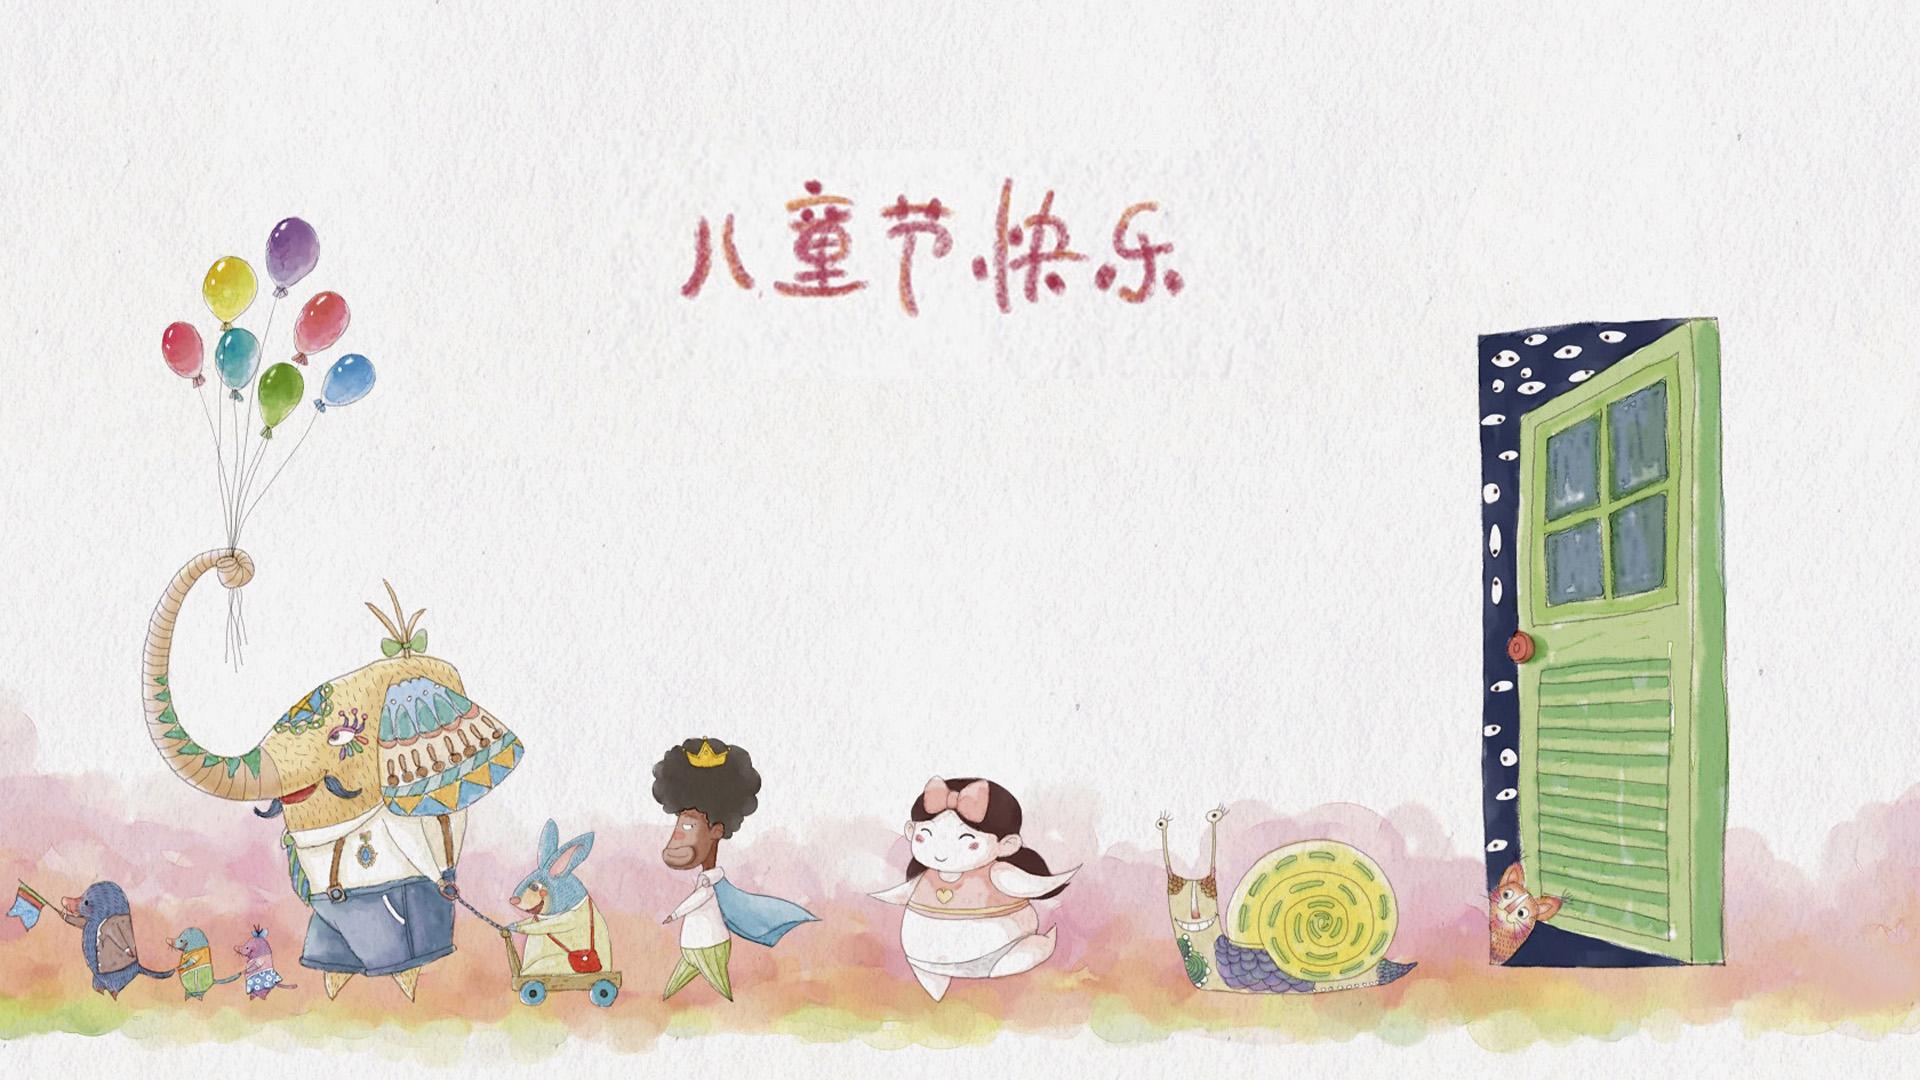 【高清图】儿童节快乐桌面壁纸-zol图片频道